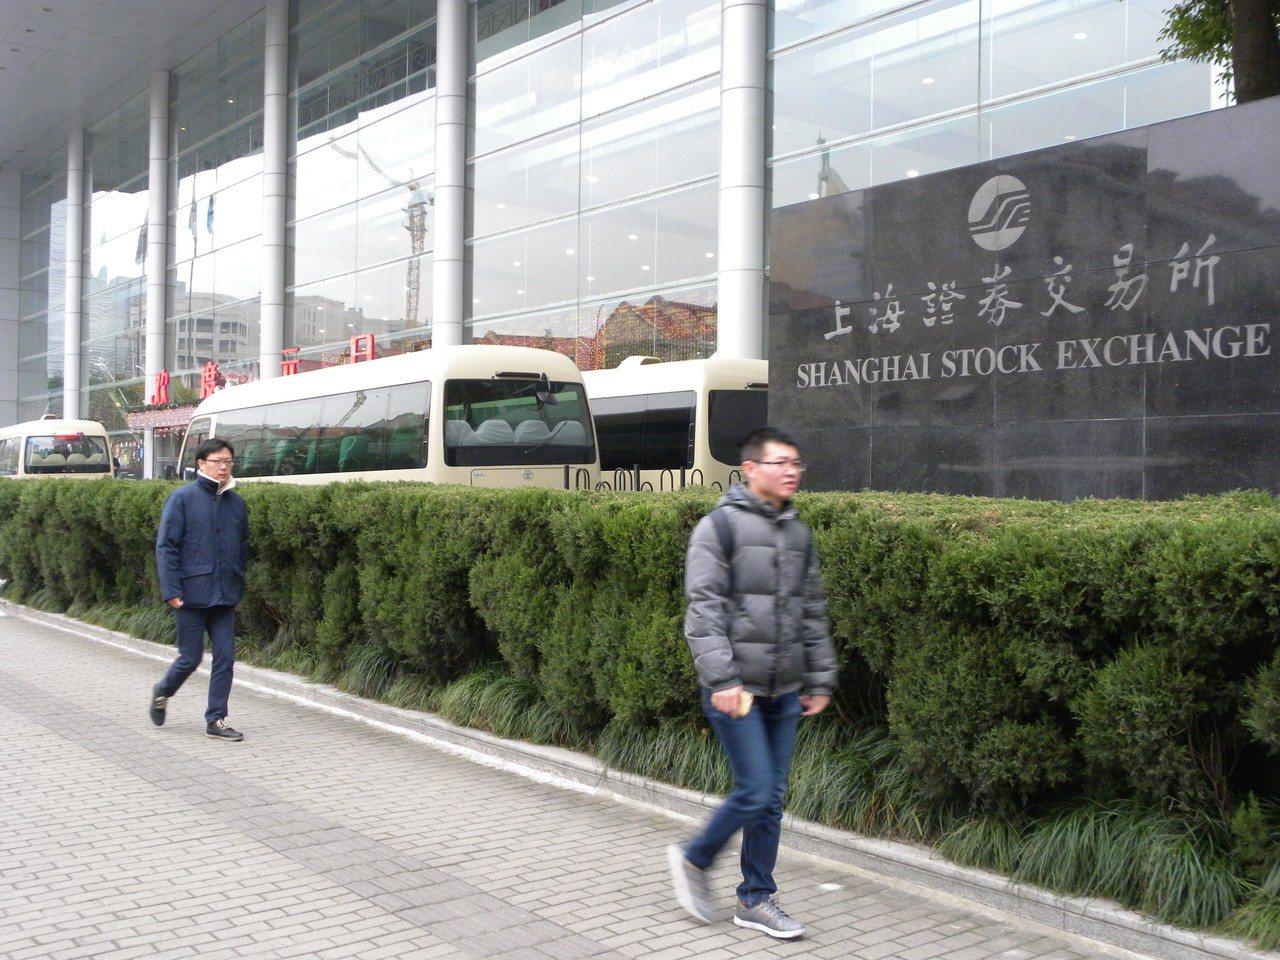 大陸預計最快明年上半年在上海證券交易所設立科創板。 圖/聯合報系資料照片